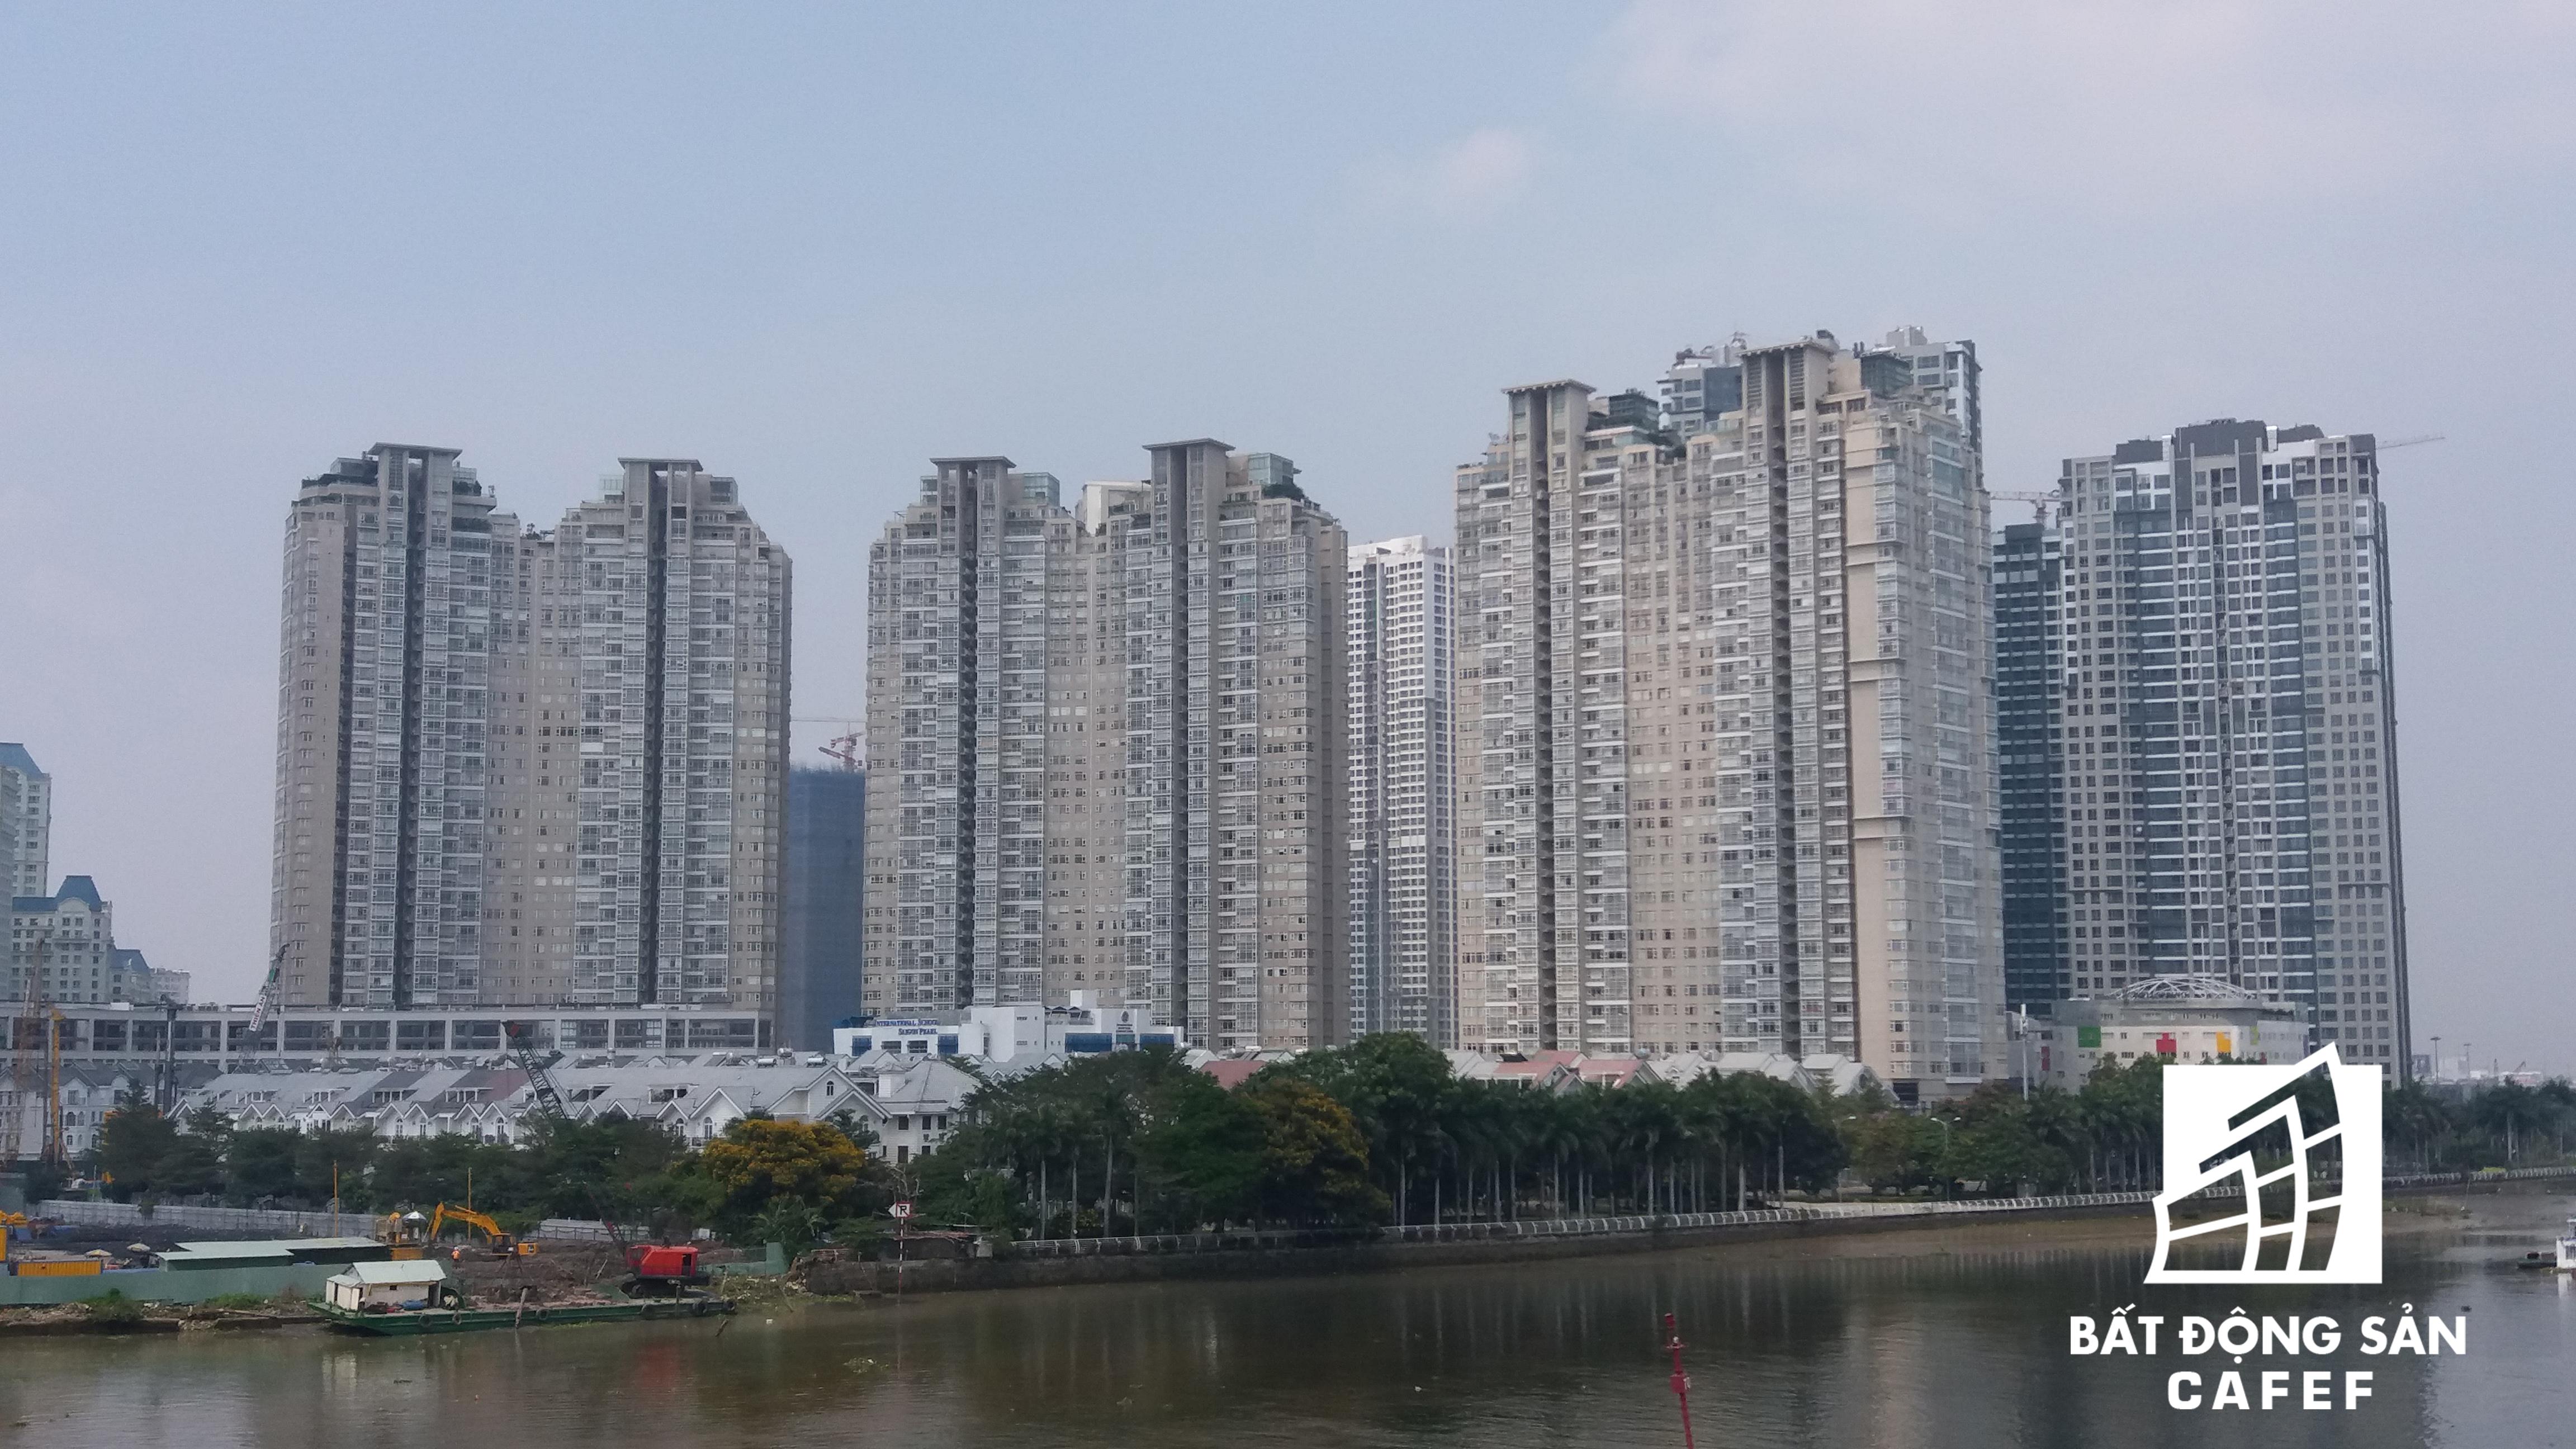 Nguyễn Hữu Cảnh nhìn từ hướng cầu Thủ Thiêm 1, kết nối rất thuận lợi với Khu đô thị mới Thủ Thiêm.